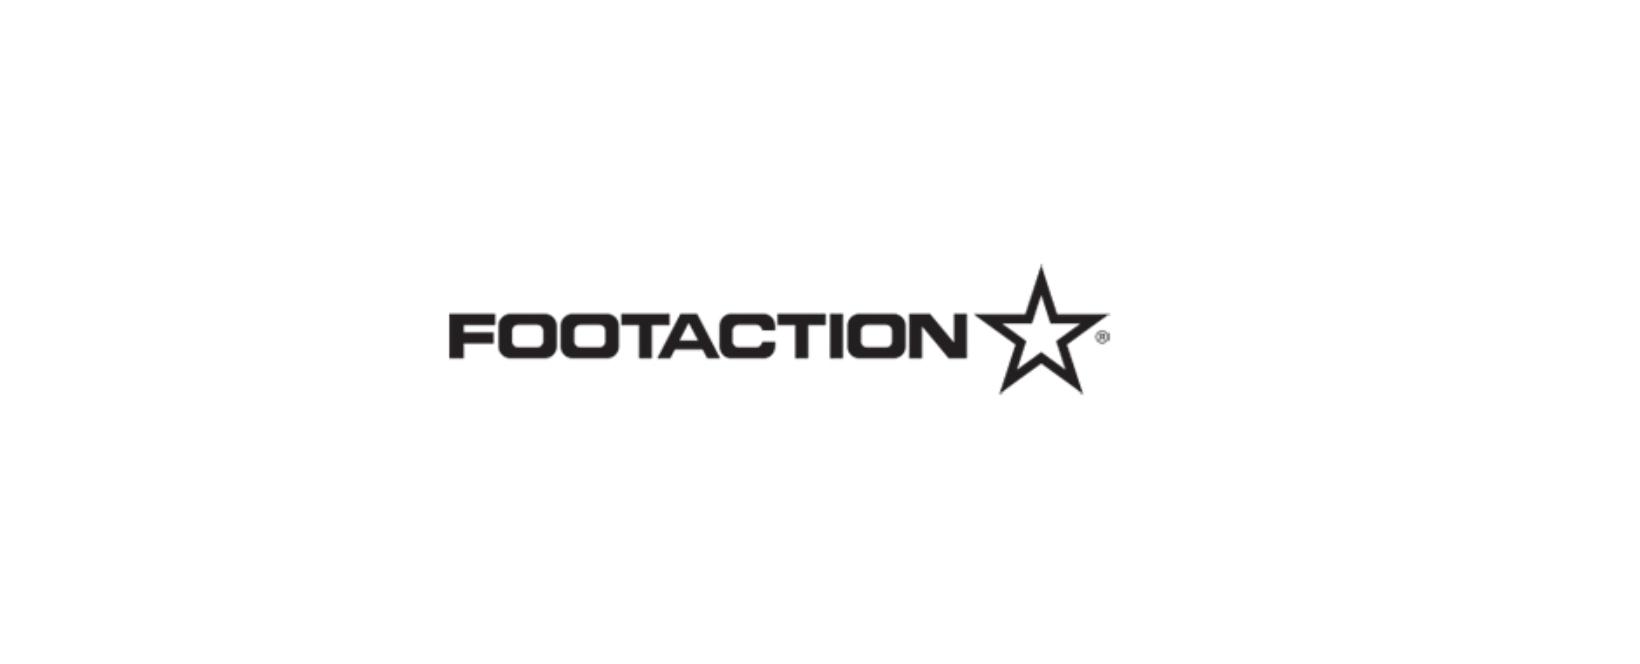 Footaction Discount Code 2021